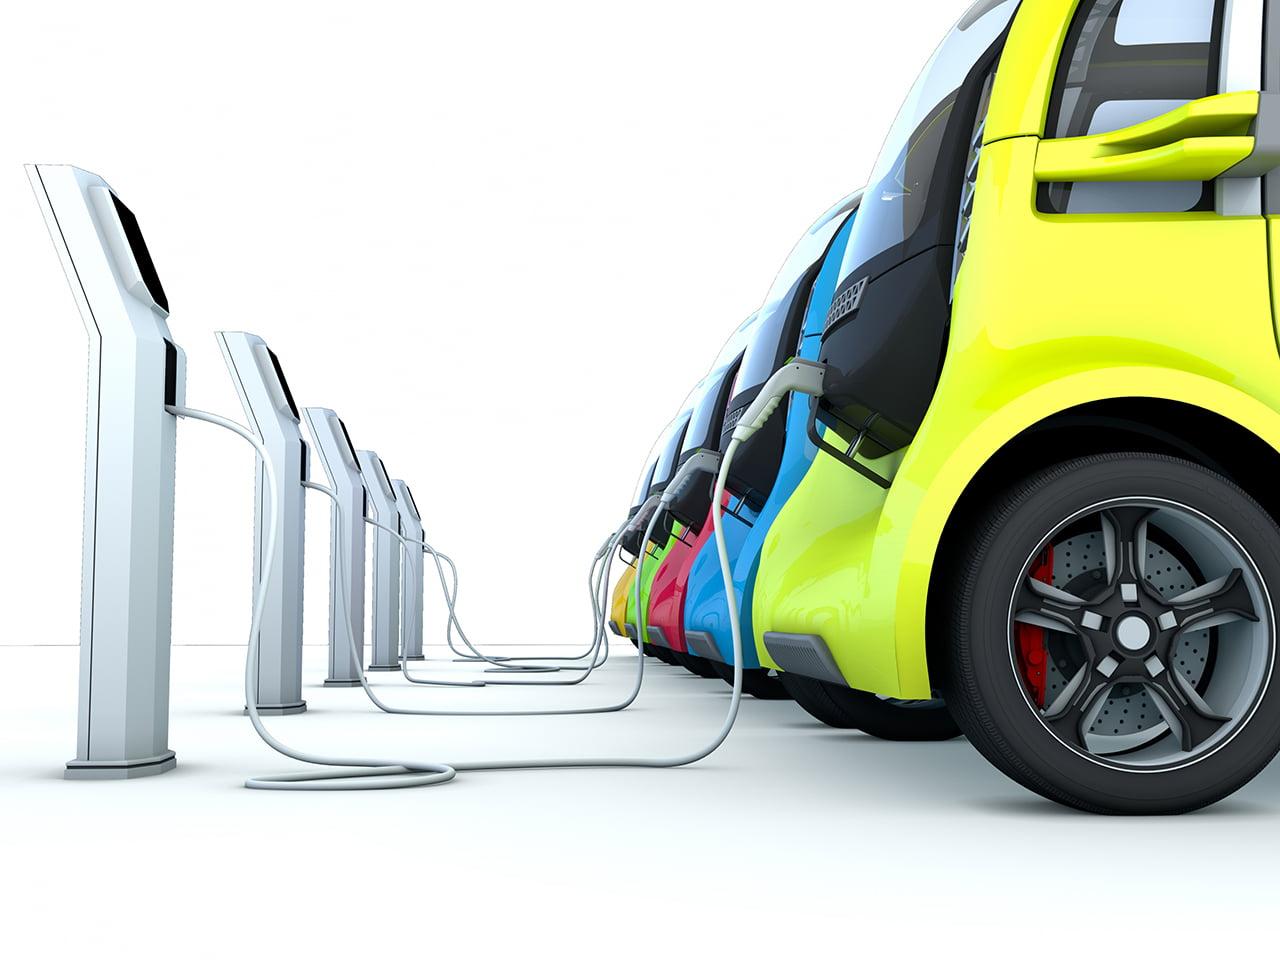 Coches electrificados, el futuro del automóvil ya está en marcha